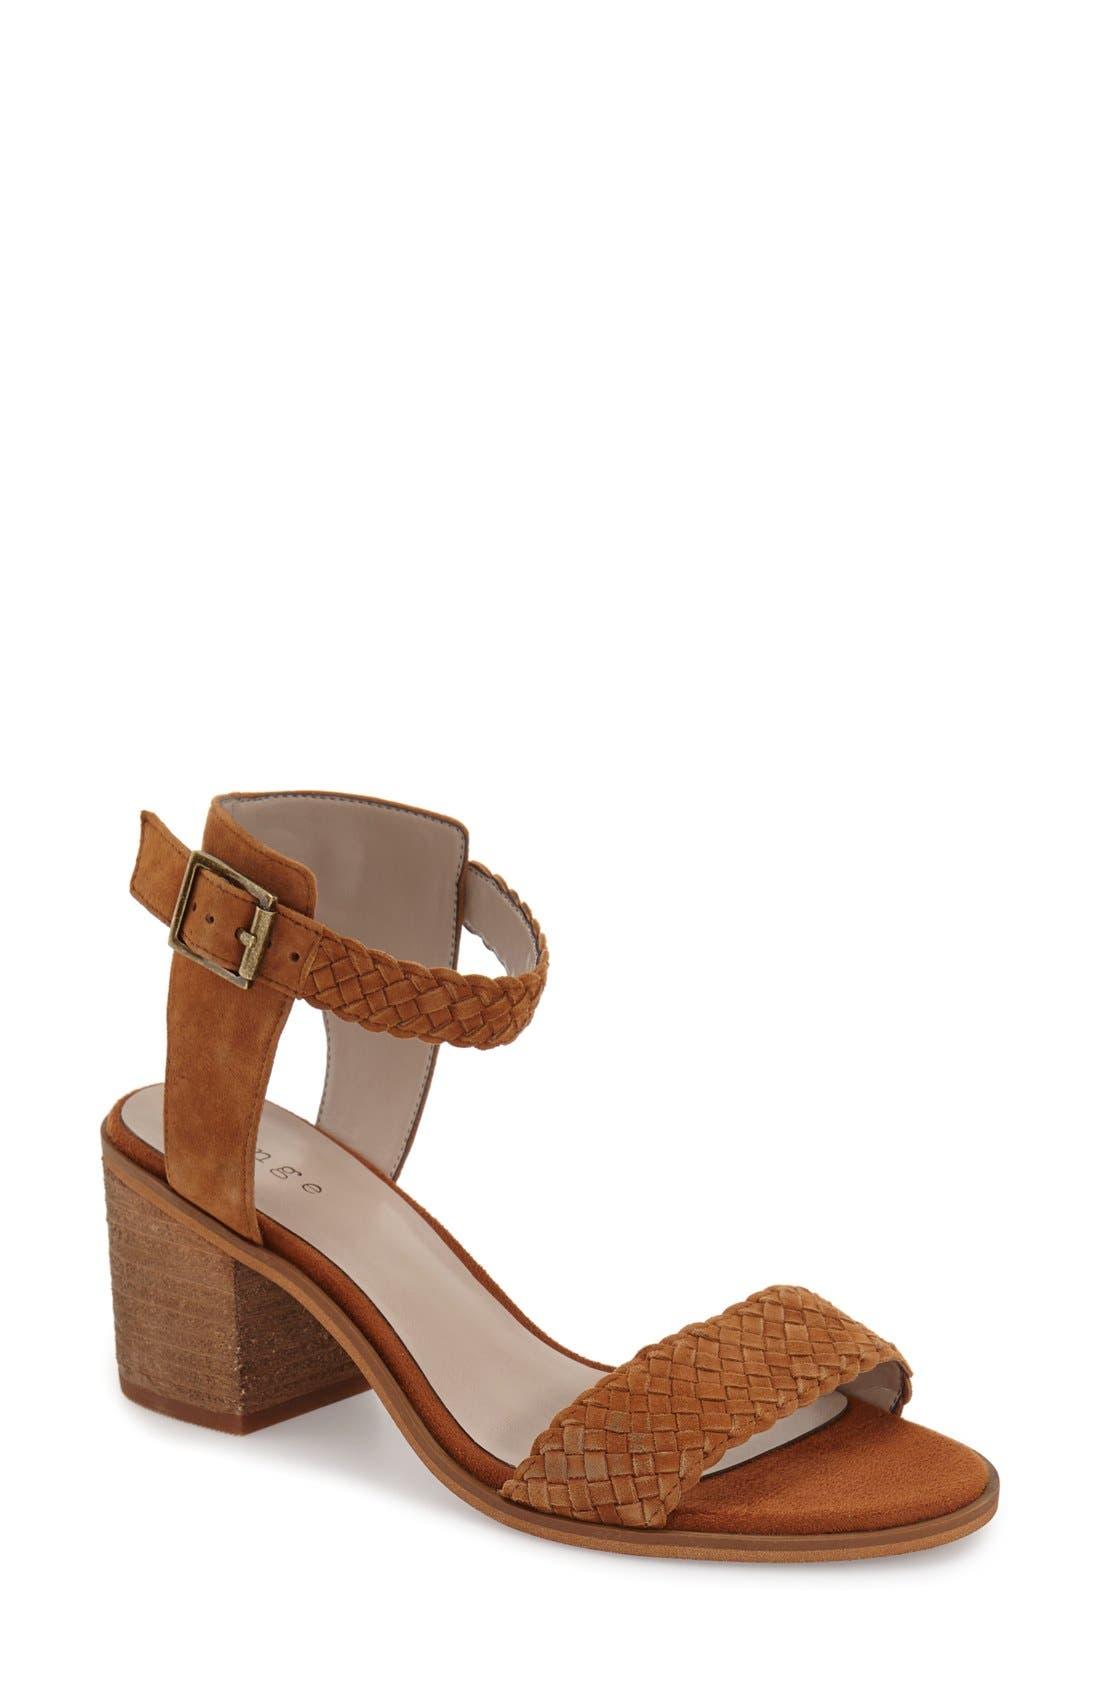 HINGE 'Dorin City' Sandal